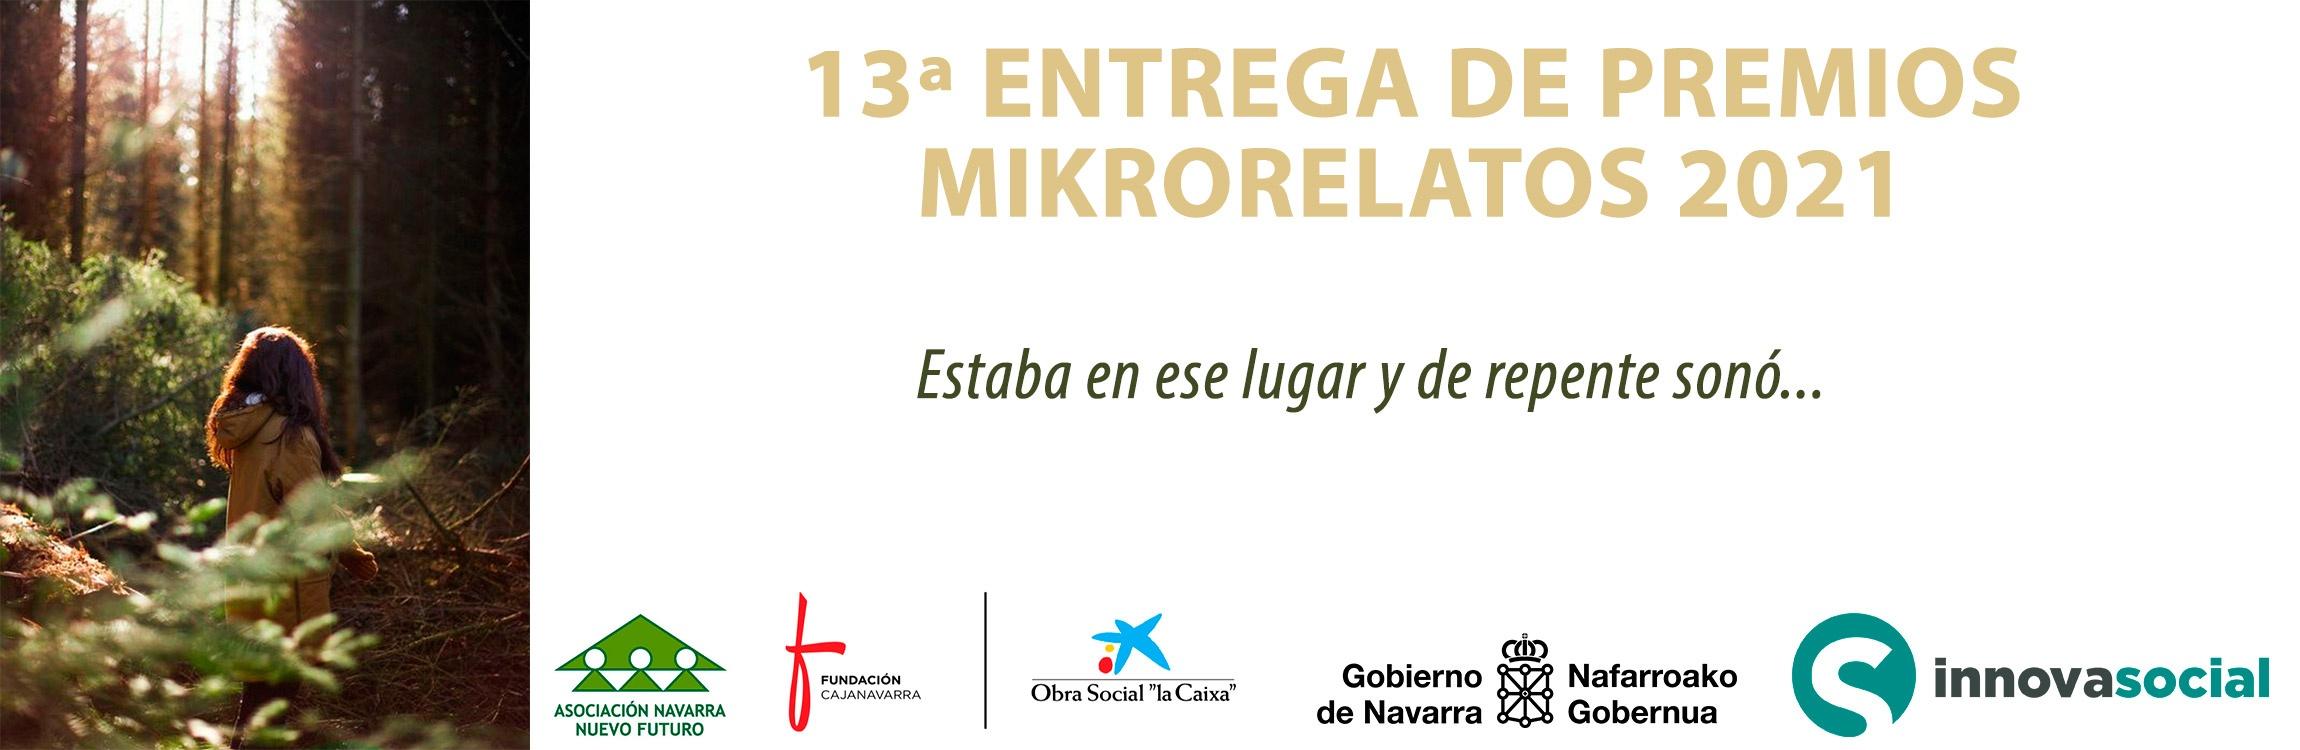 Imagen de la noticia 13ª Entrega de premios Mikrorelatos 2021